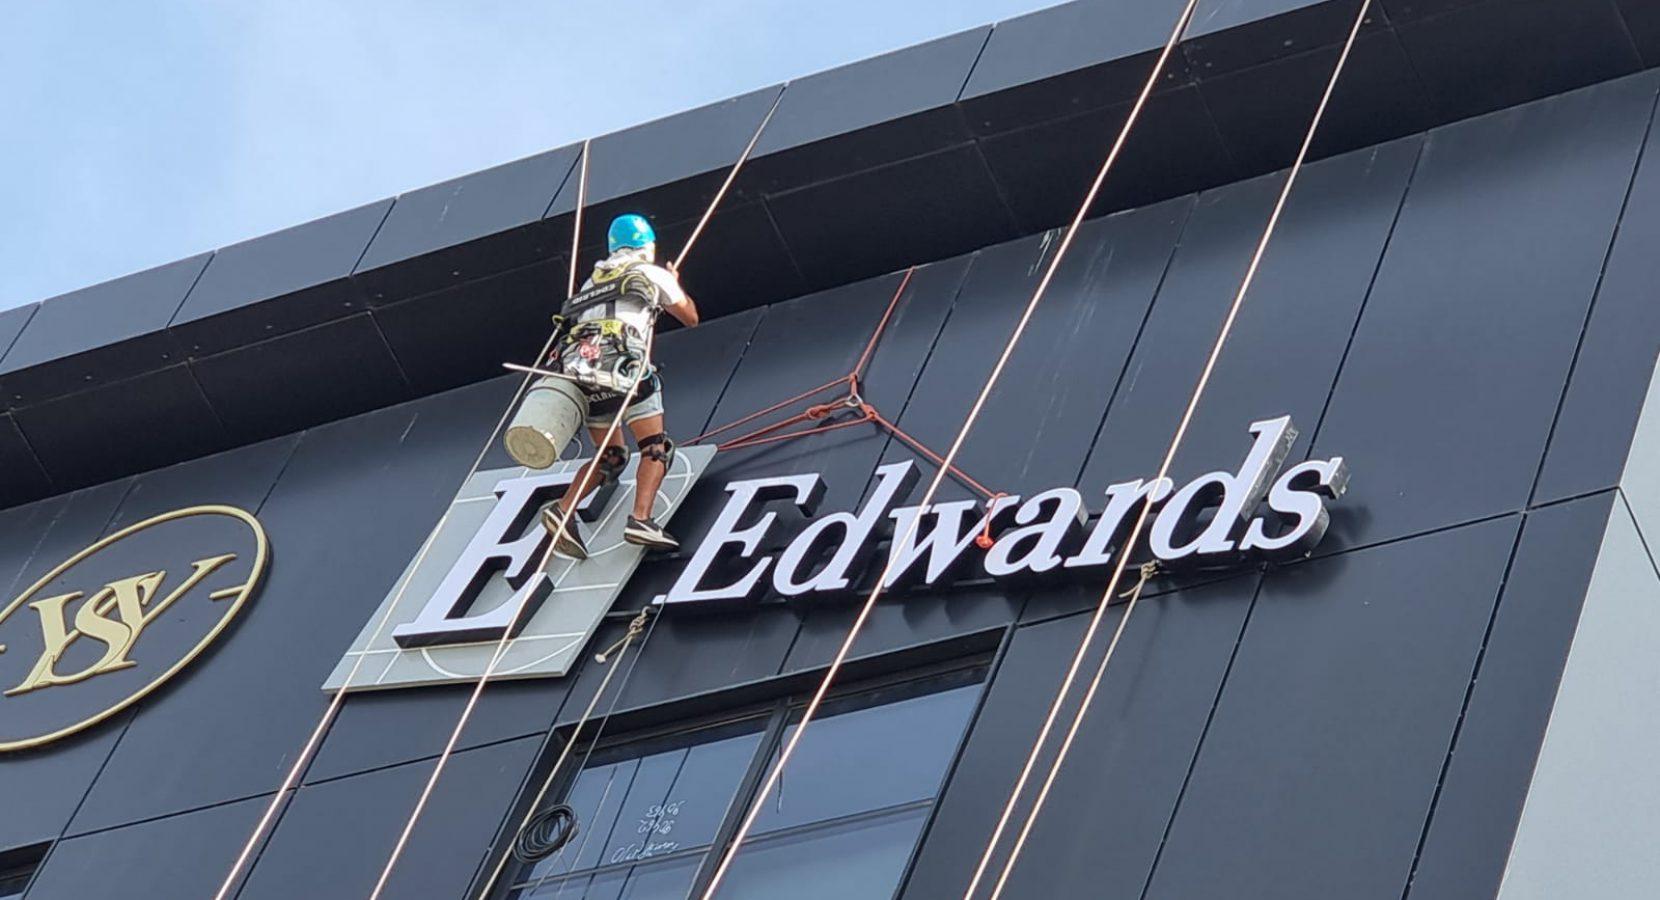 התקנת סנפלינג- EDWARDS קיסריה